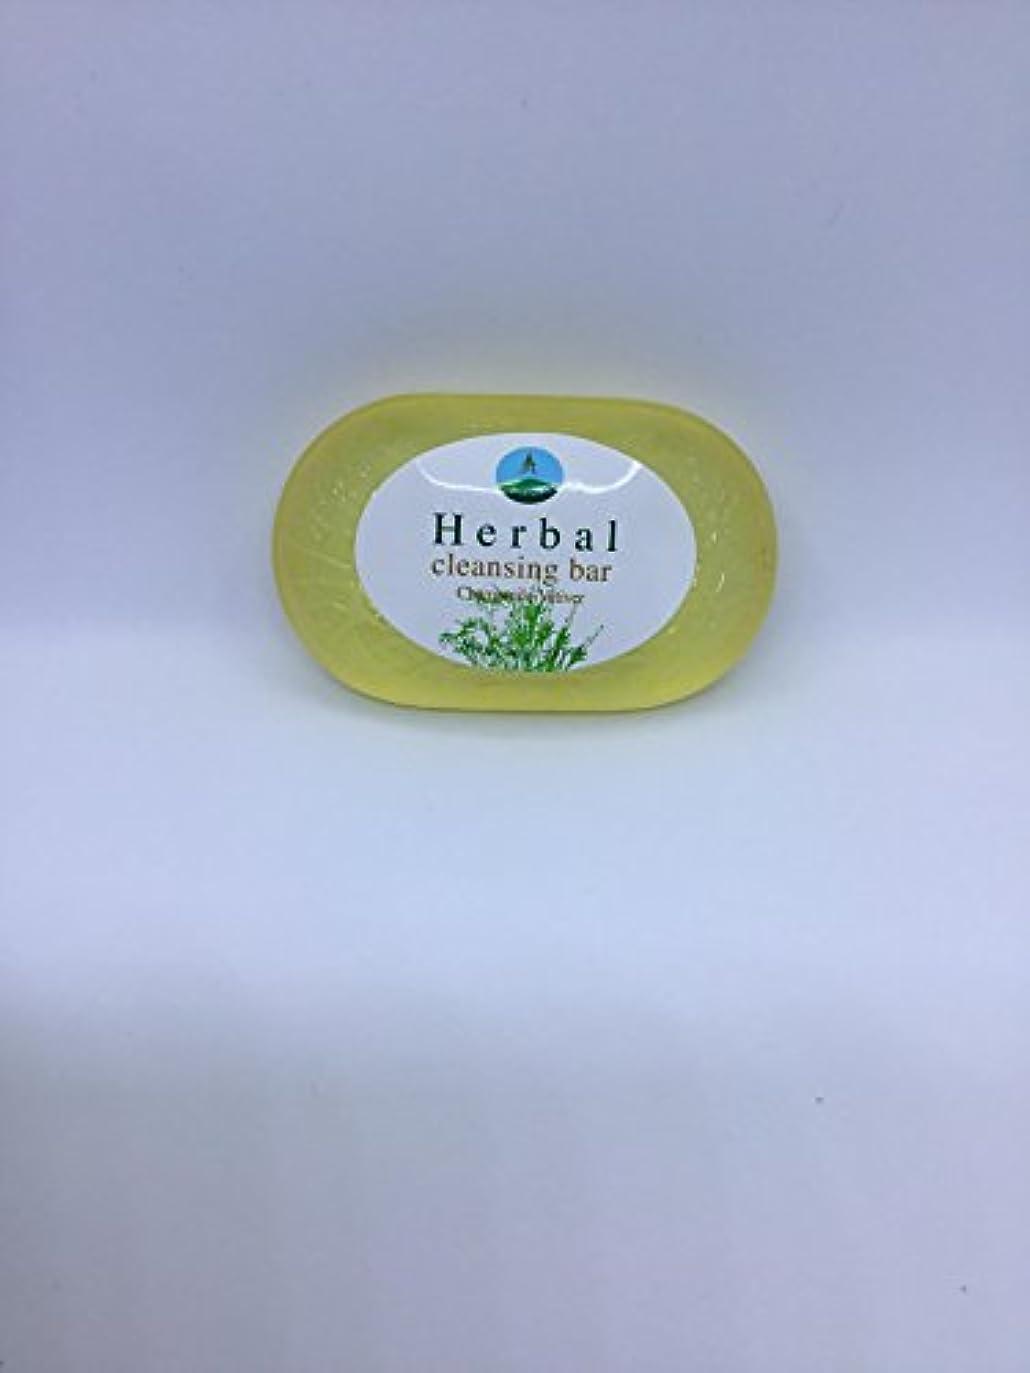 フェローシップスムーズに蓋Herbal cleansing Bar Chamomile-Vetiver